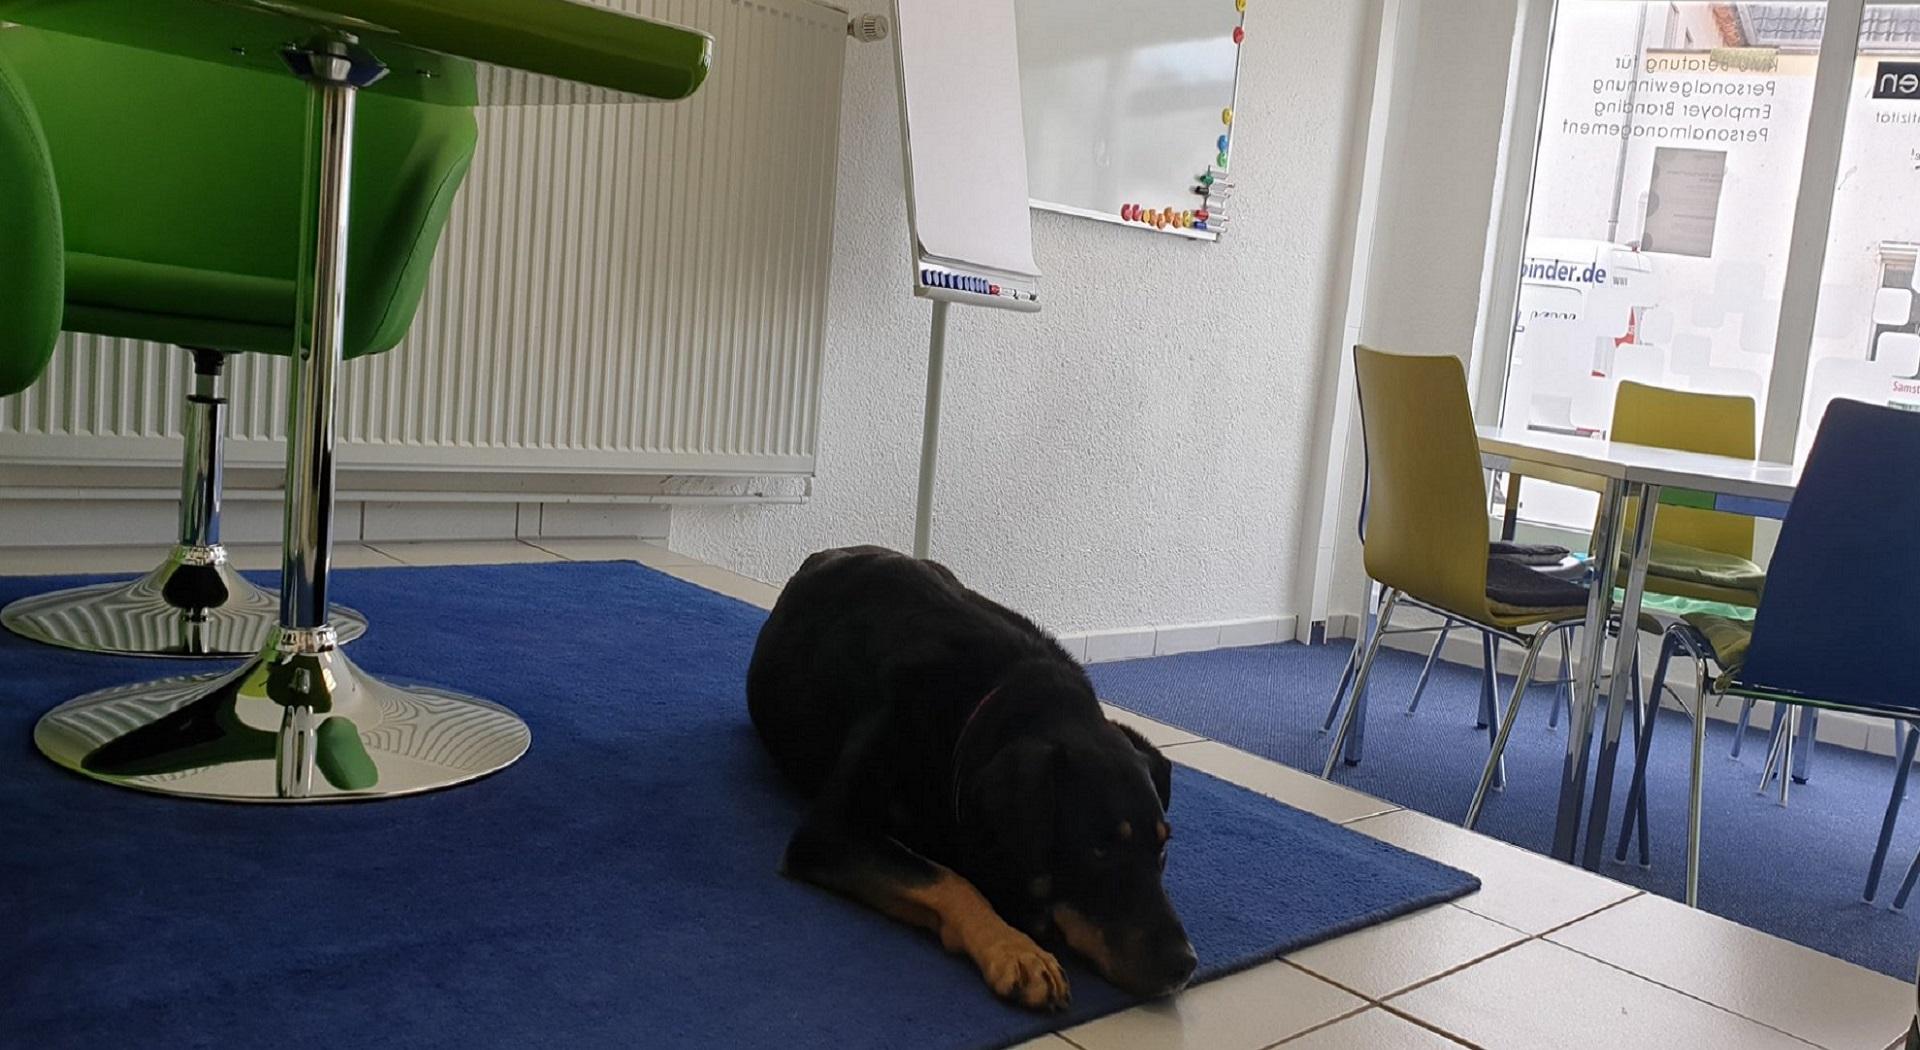 Bürohund_Maya_positiv-abheben-entspannungsbeauftragte